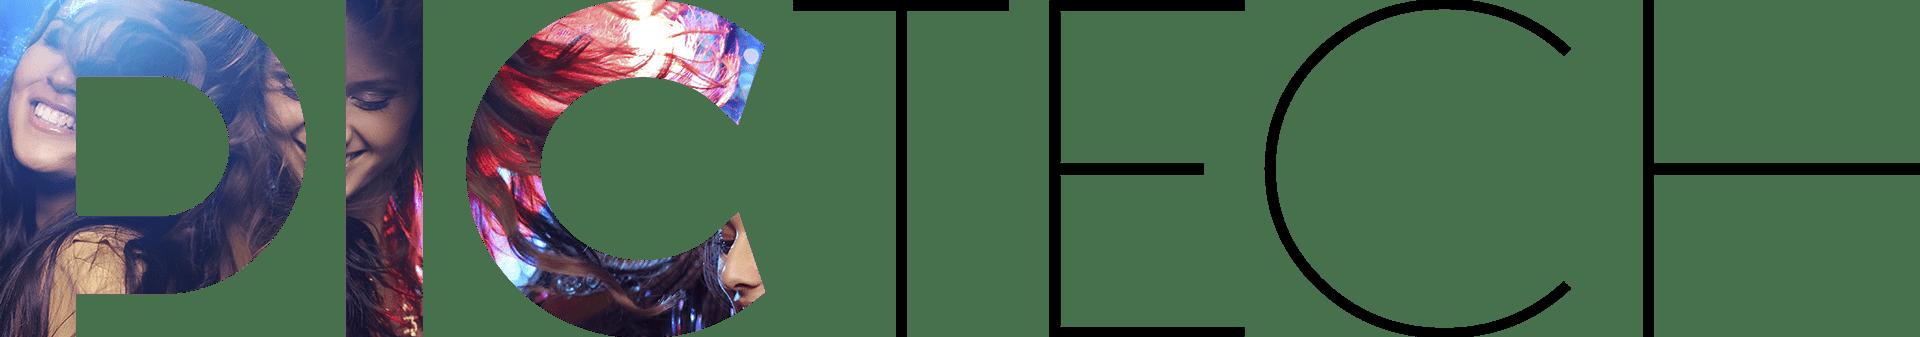 PICTECH - Съёмка событий и интерактивные фотоуслуги для мероприятий